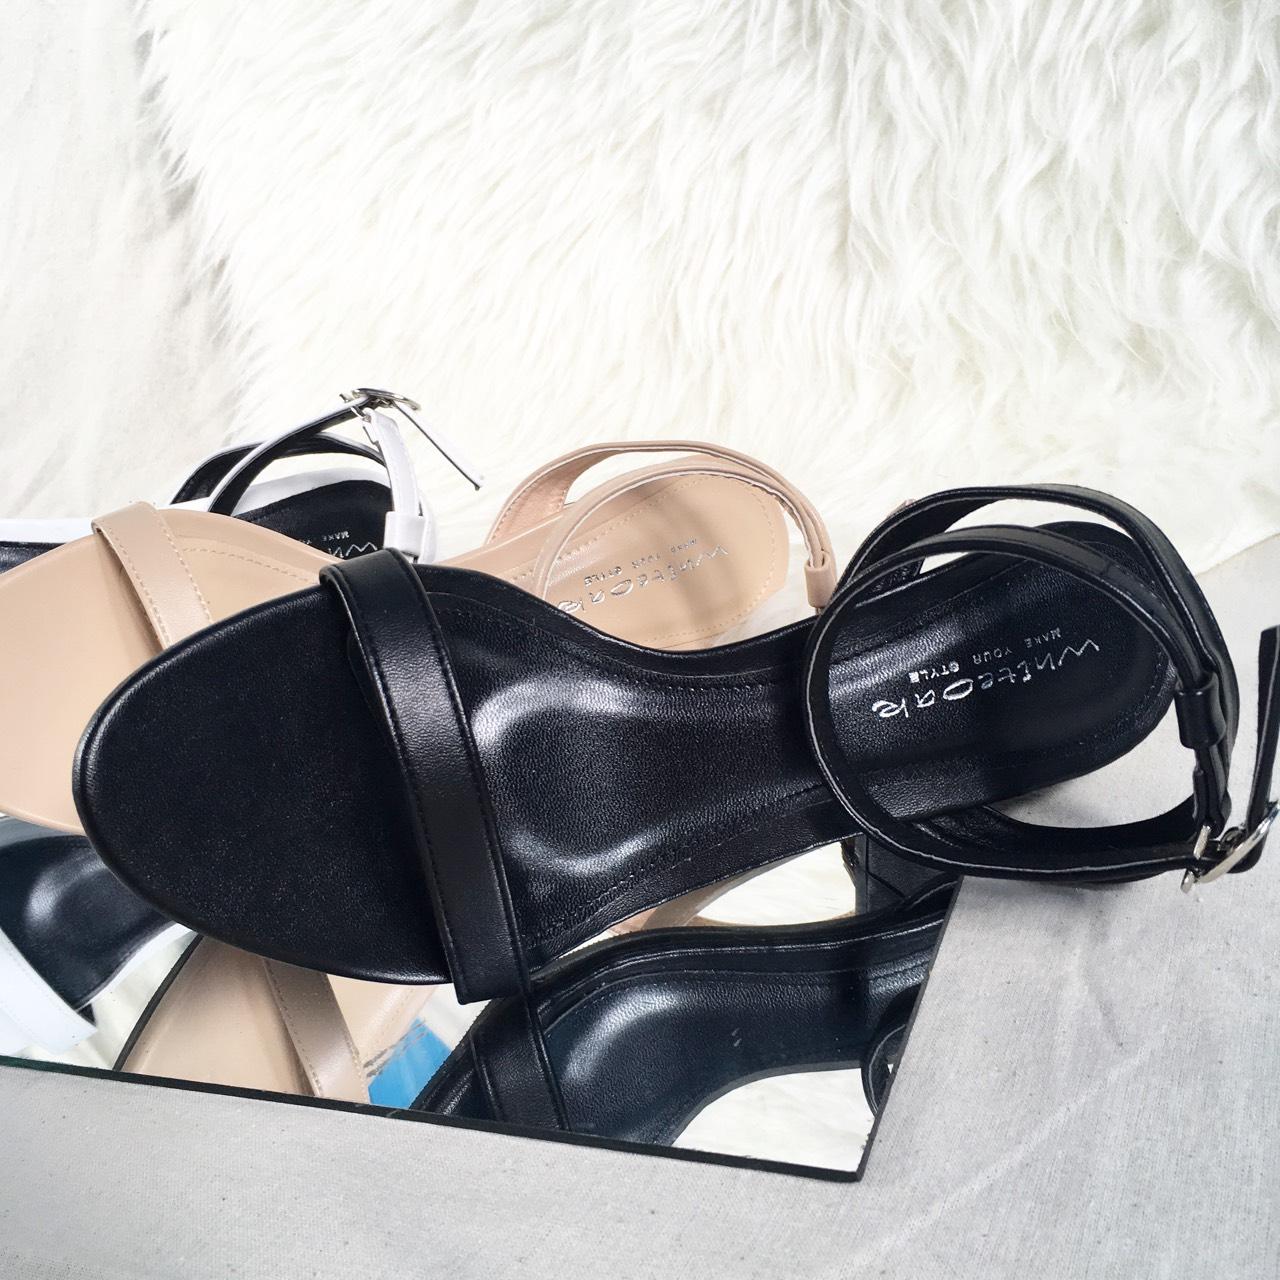 Sandals,shoesfashion,womenfashion,womenshoes,รองเท้าแฟชั่น,รองเท้าส้นสูง,รองเท้ารัดข้อ,รองเท้าผู้หญิง,รองเท้านิ่ม,Whiteoakshoes